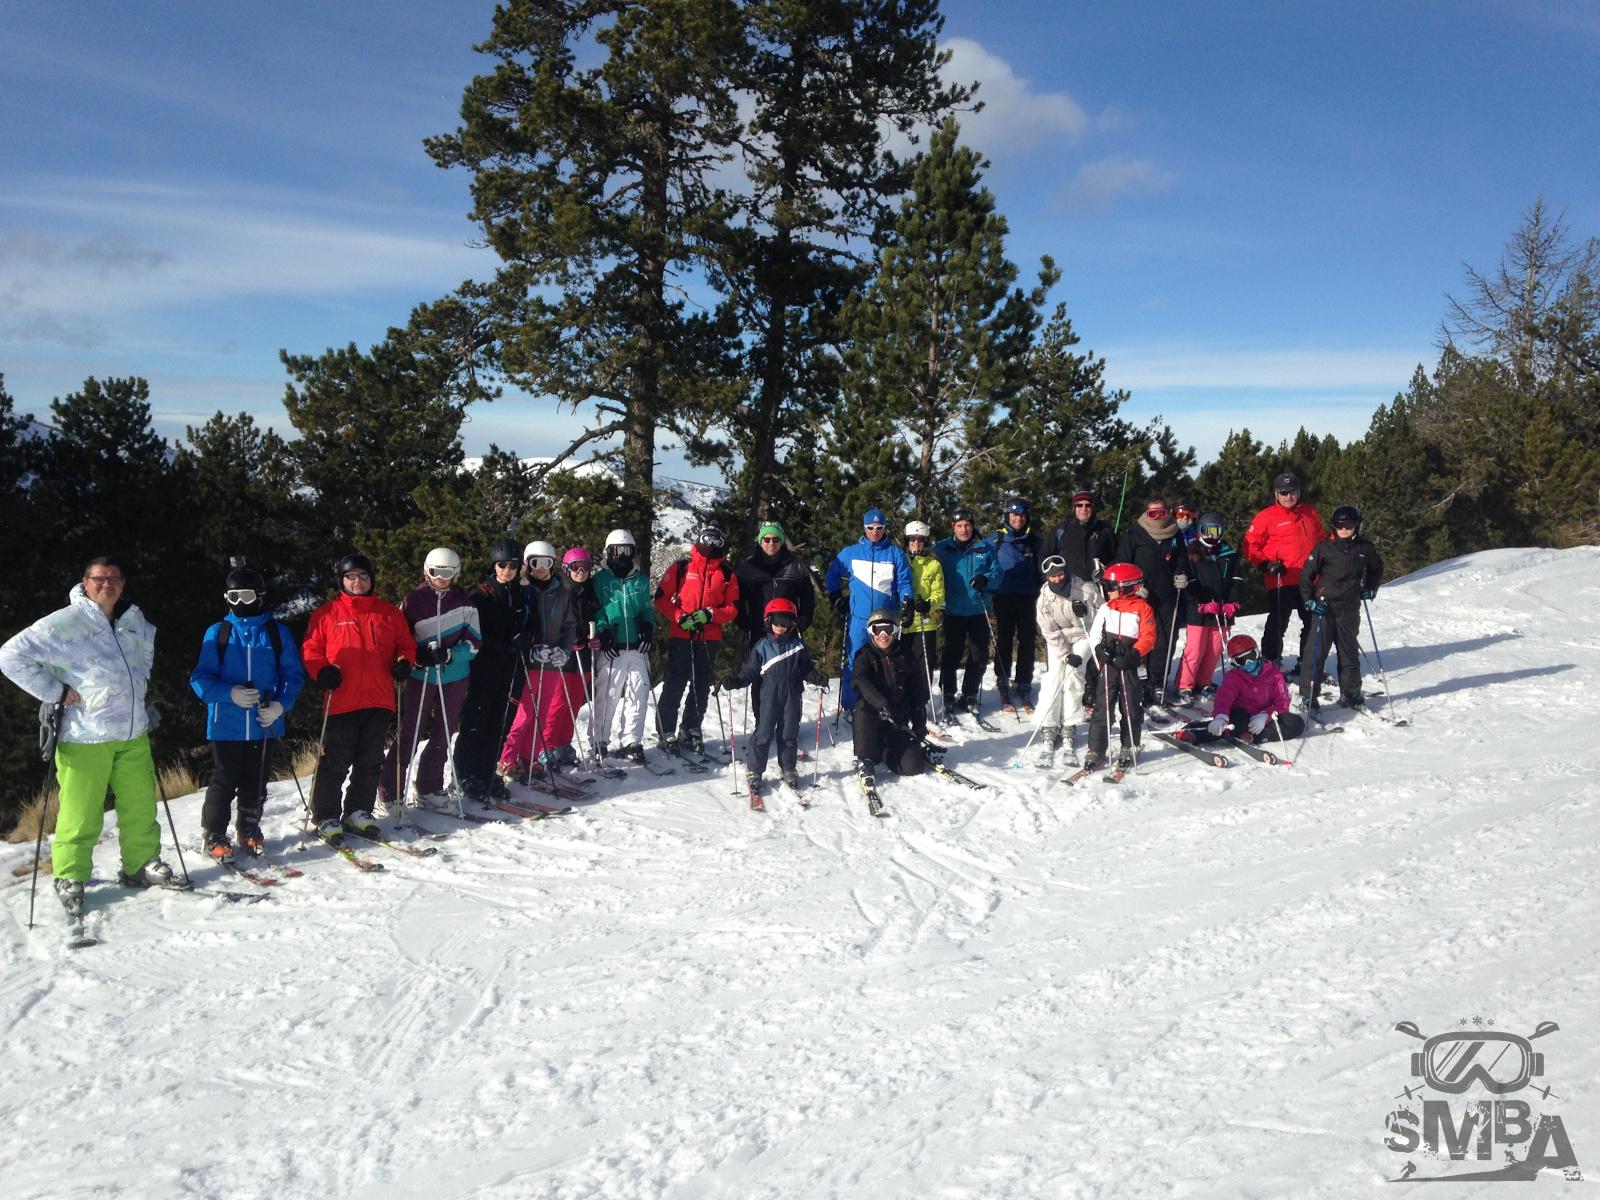 SMBA - Ski Club Pamiers